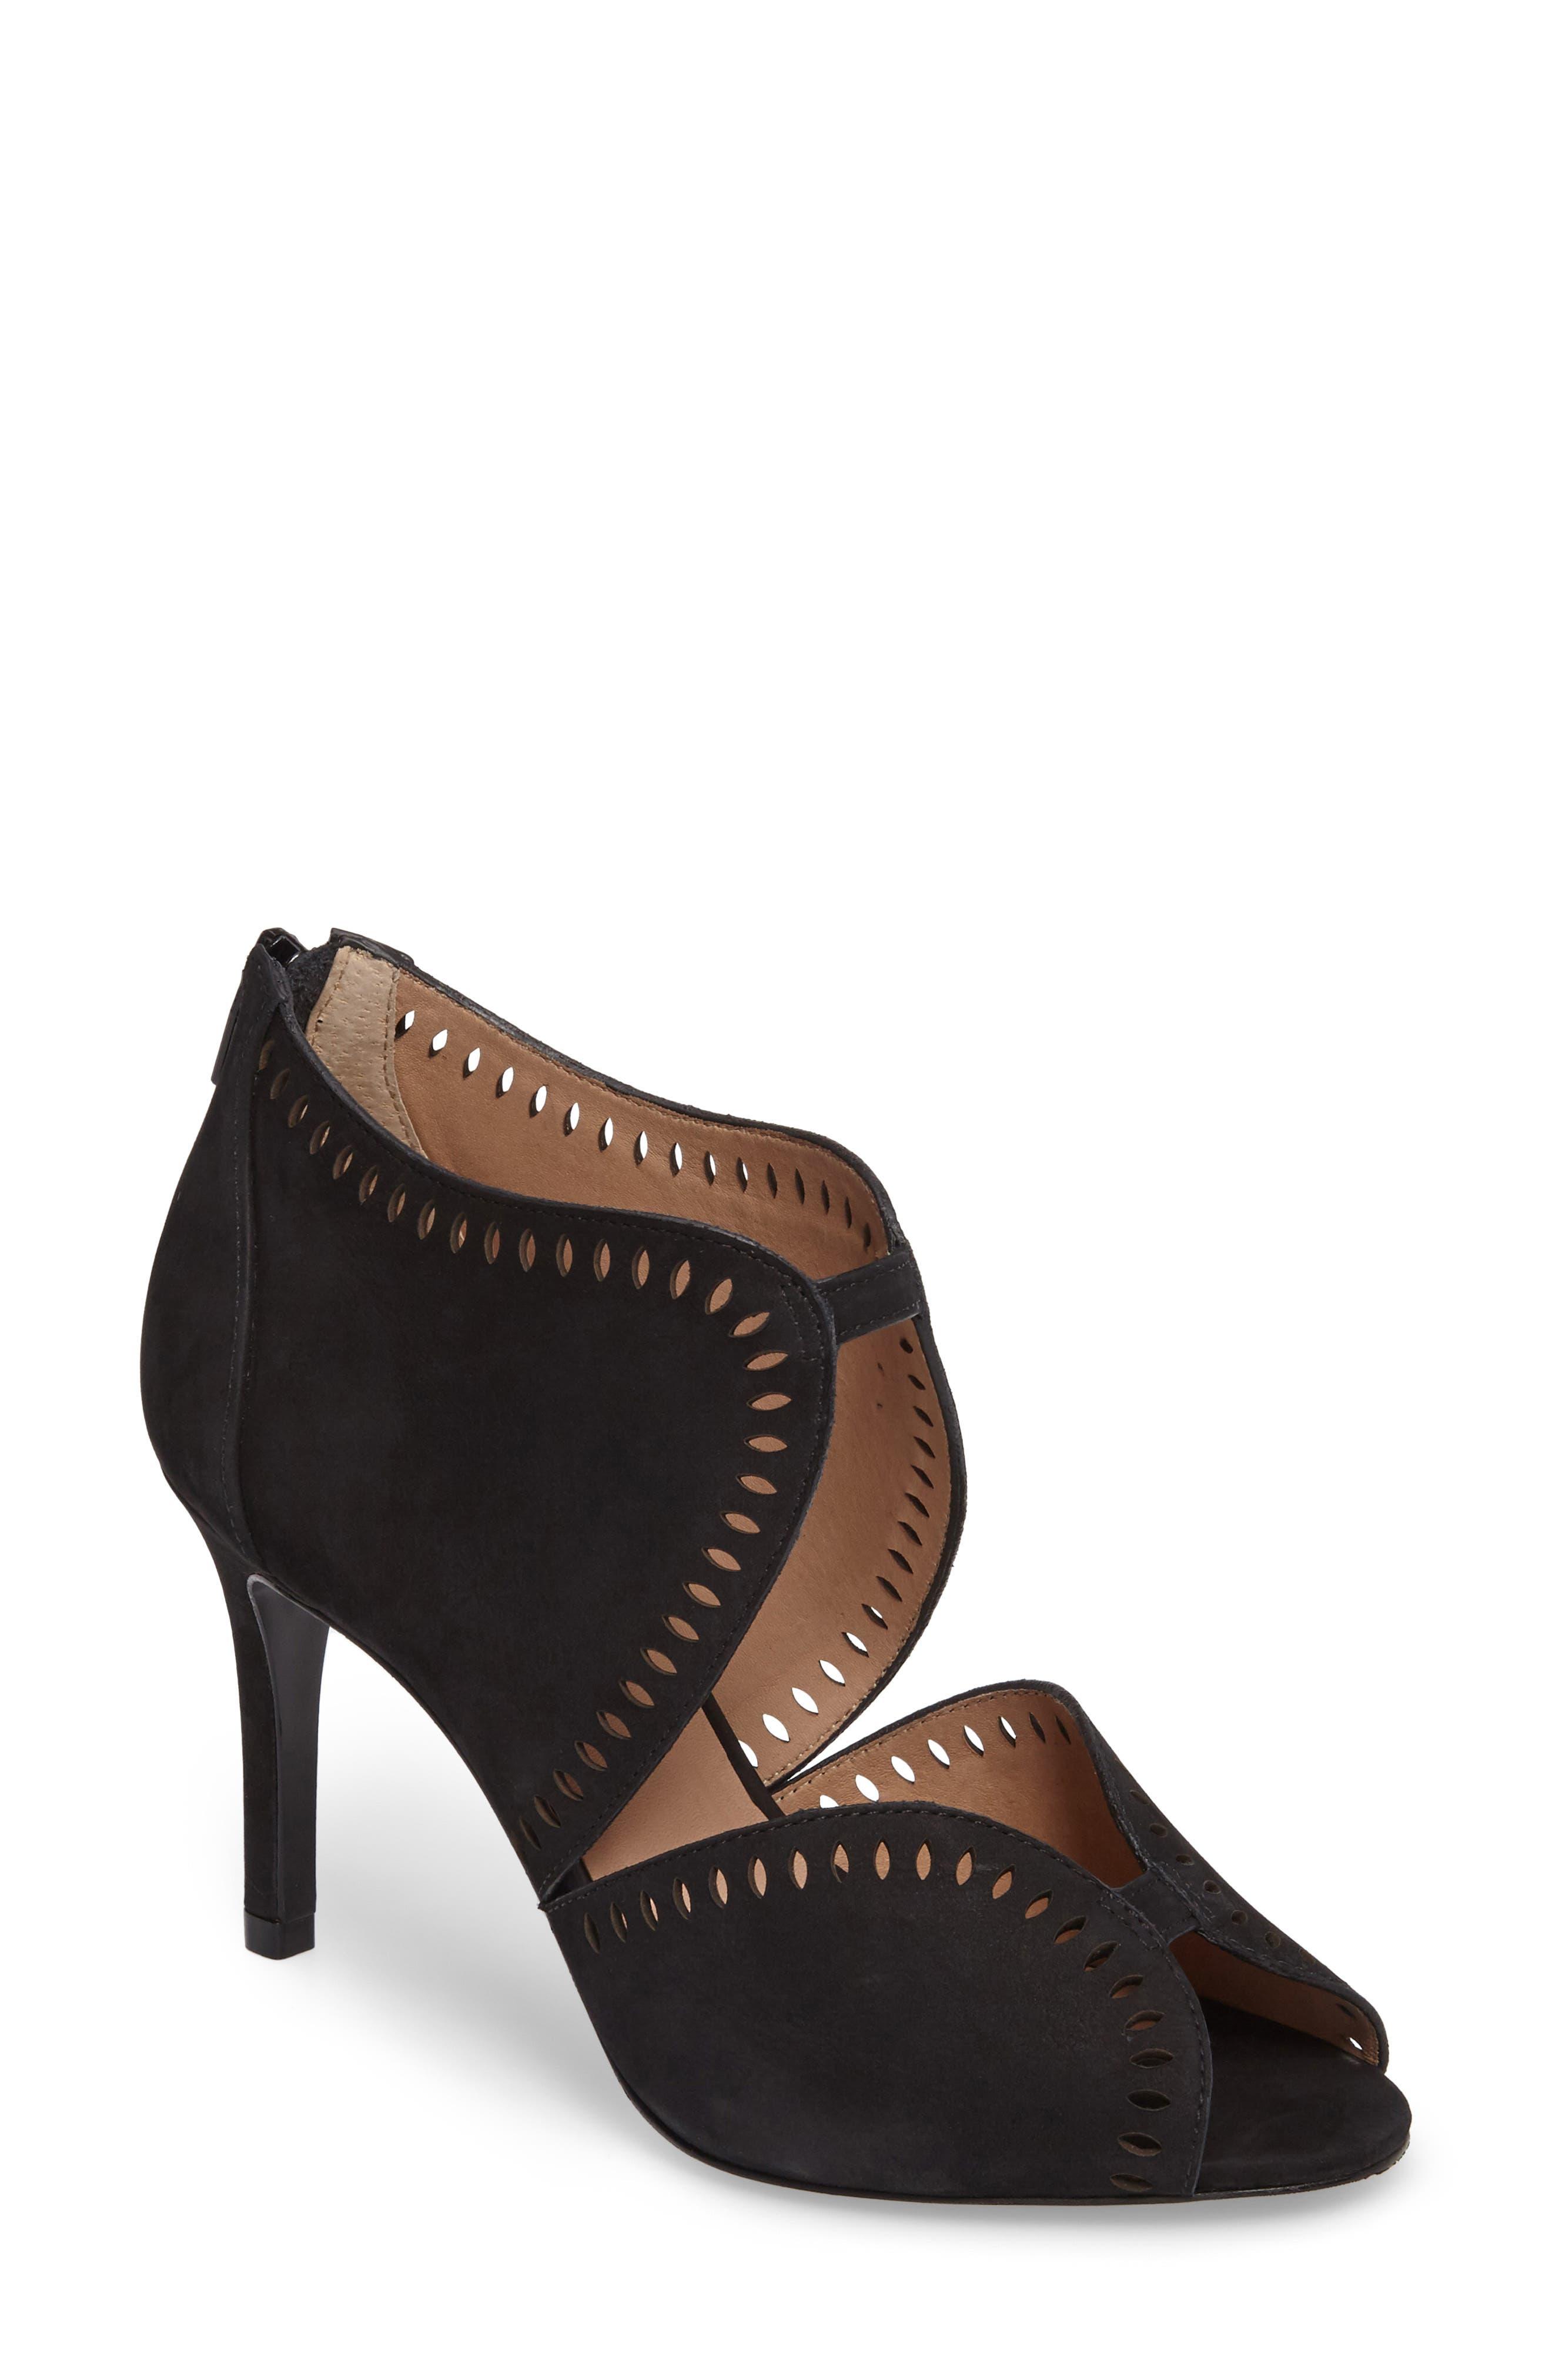 Mallia Perforated Sandal,                         Main,                         color, 001